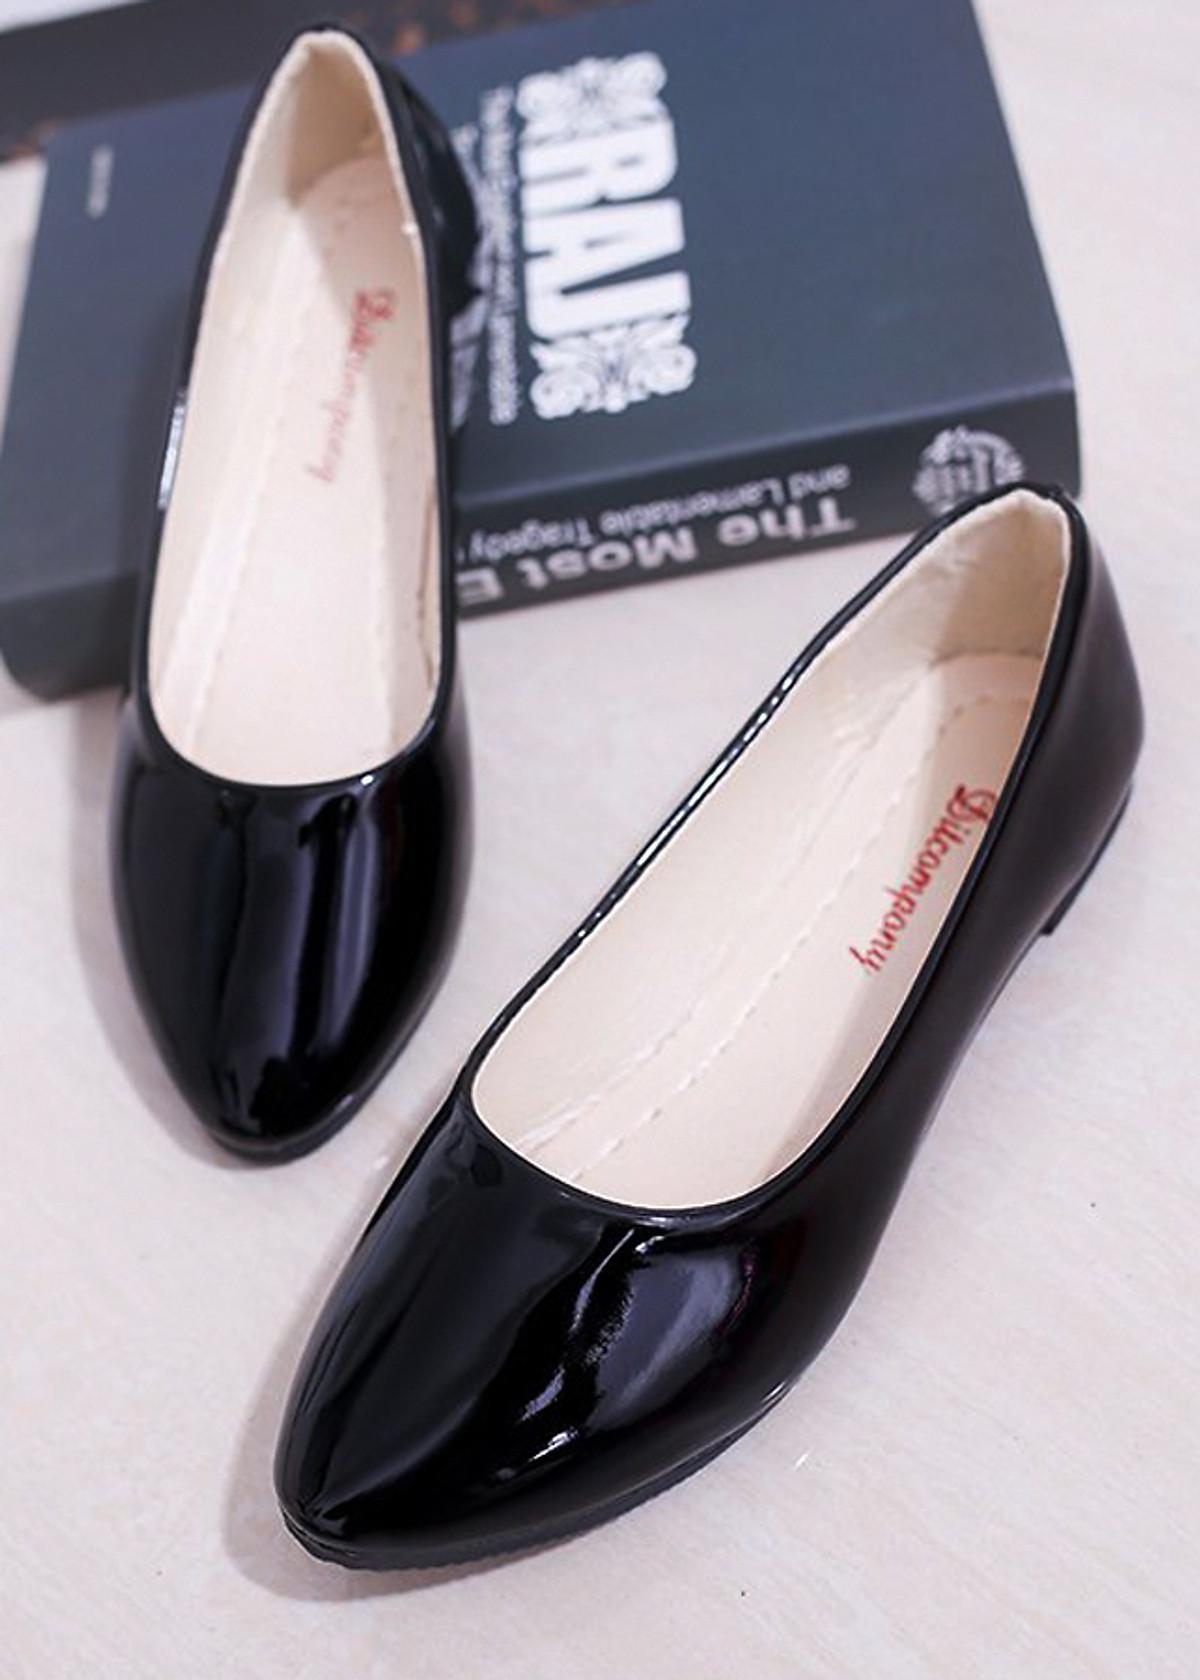 Giày búp bê da bóng mềm không đau chân , dáng chuẩn 96309 64